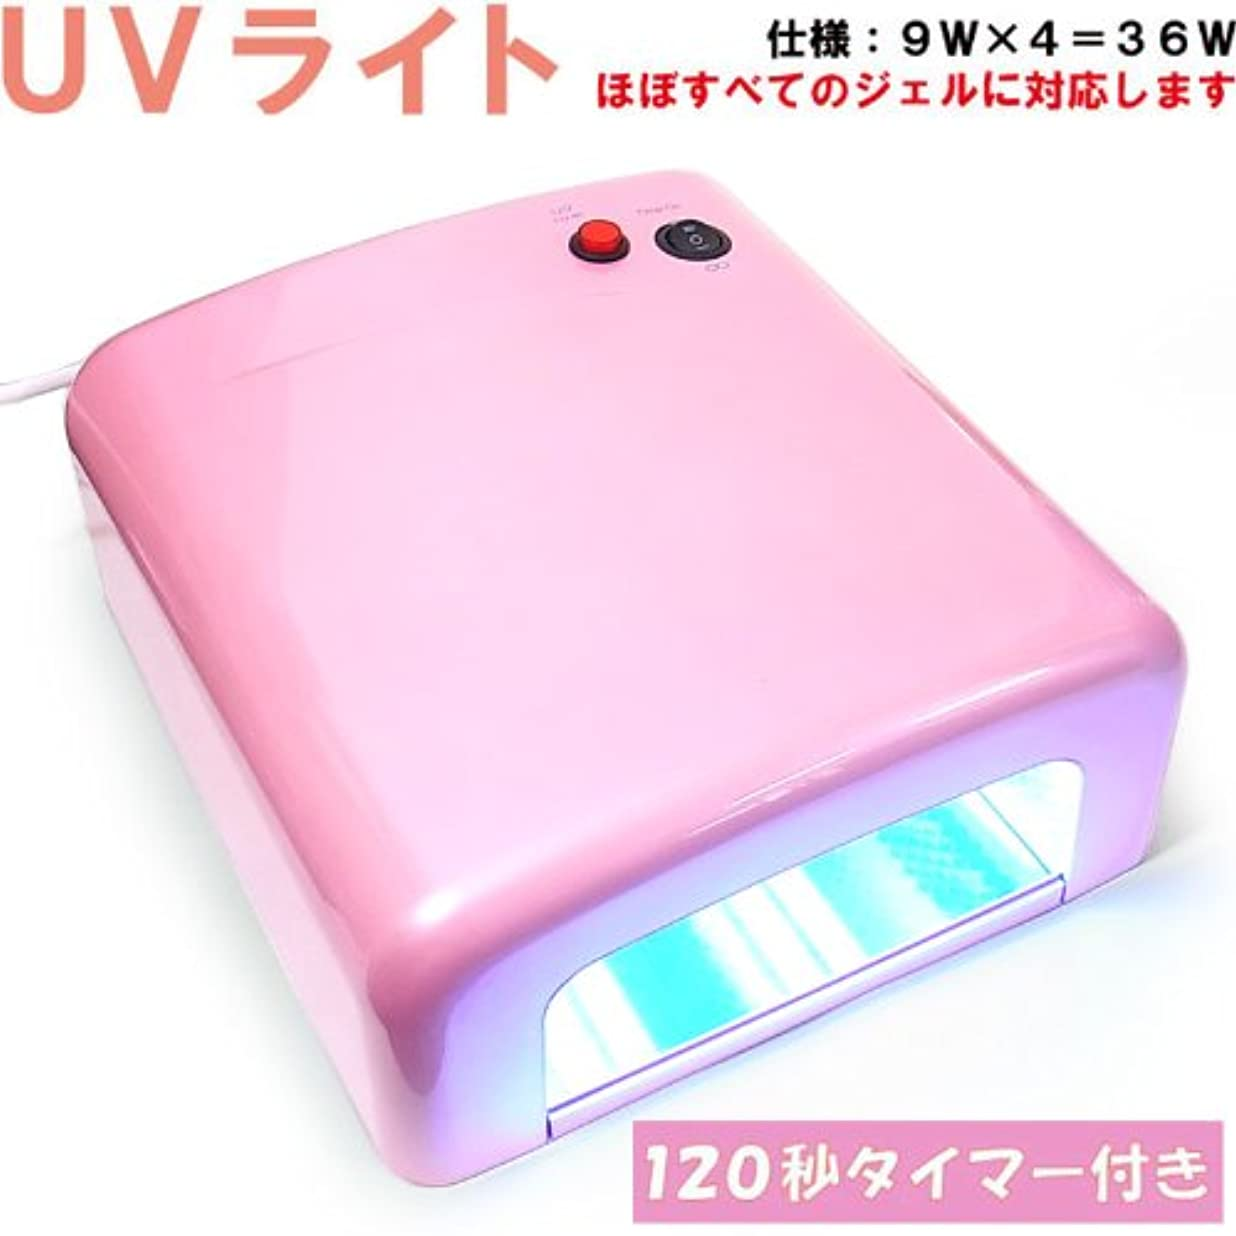 ジェルネイル用UVライト36W(電球9W×4本付き)UVランプ【ピンク】